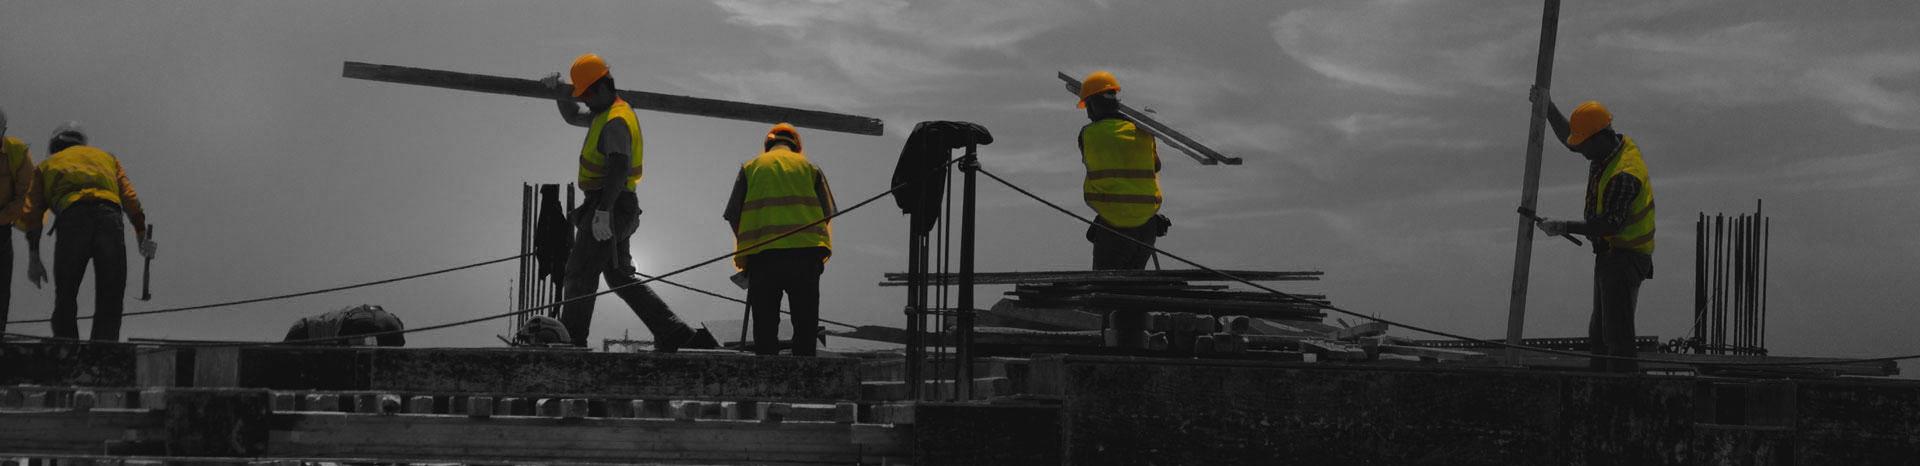 Ongeval in de bouw | Ongeval bouwplaats